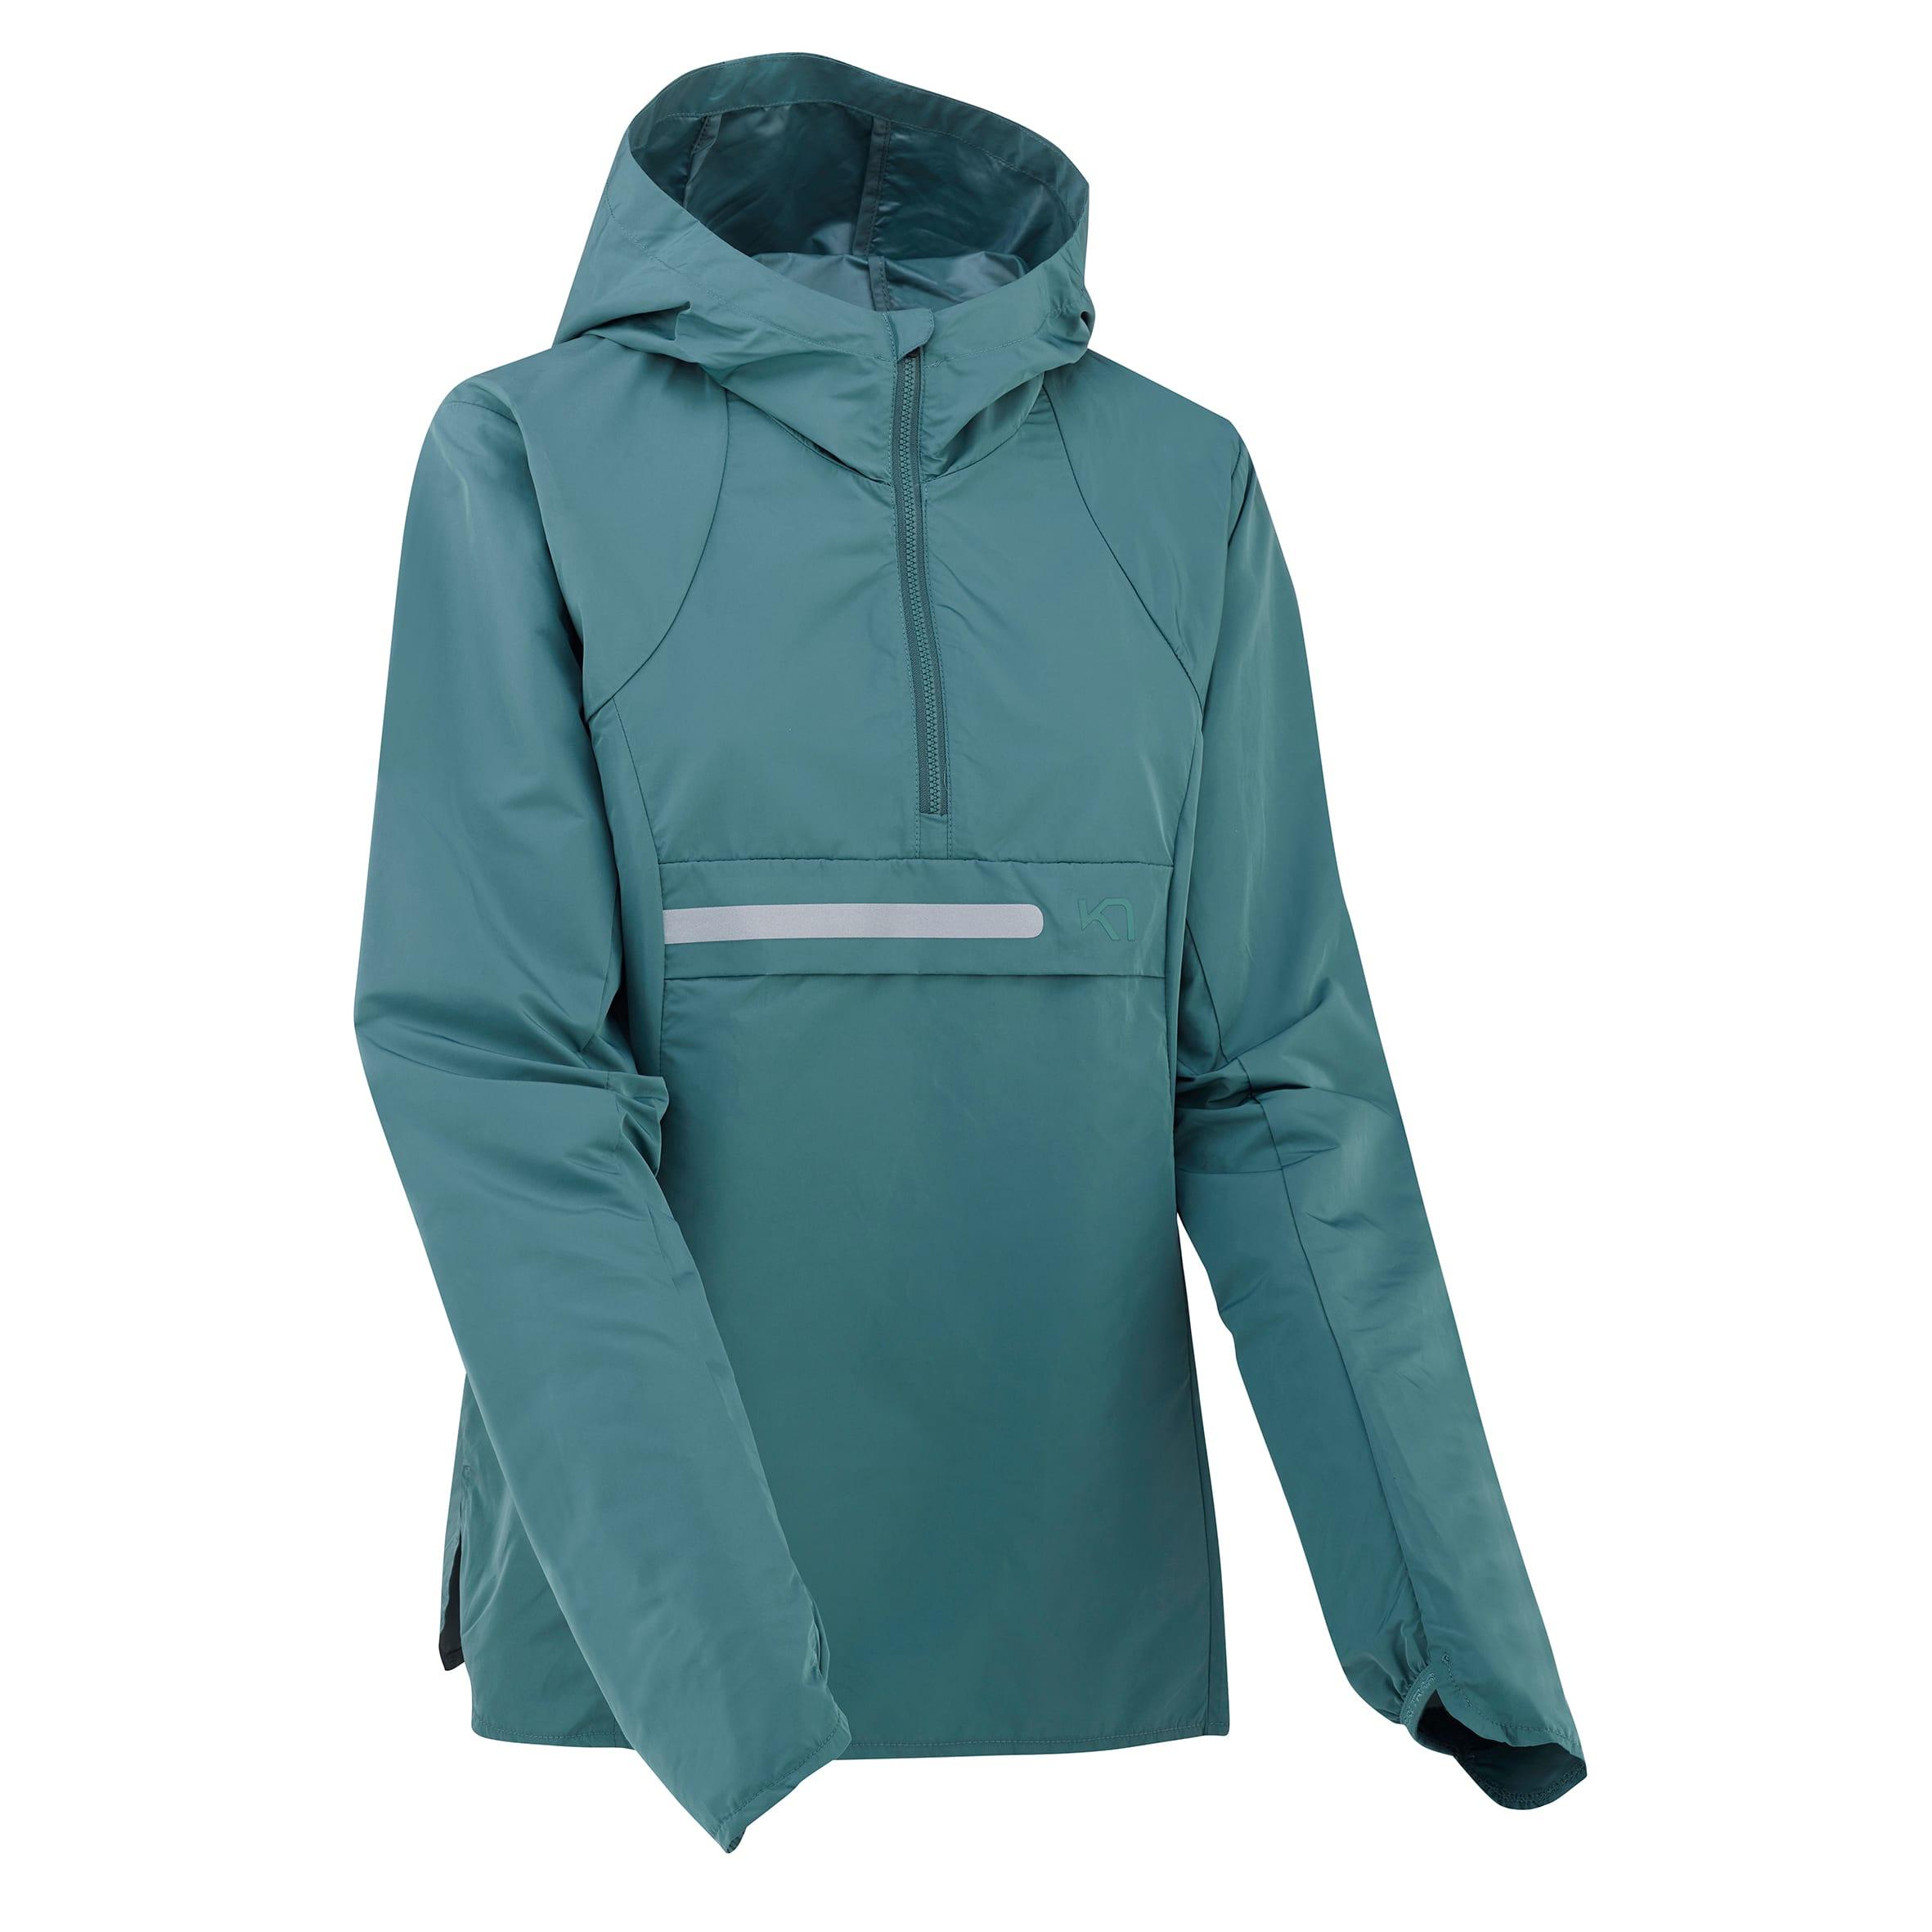 Women's Marit Jacket